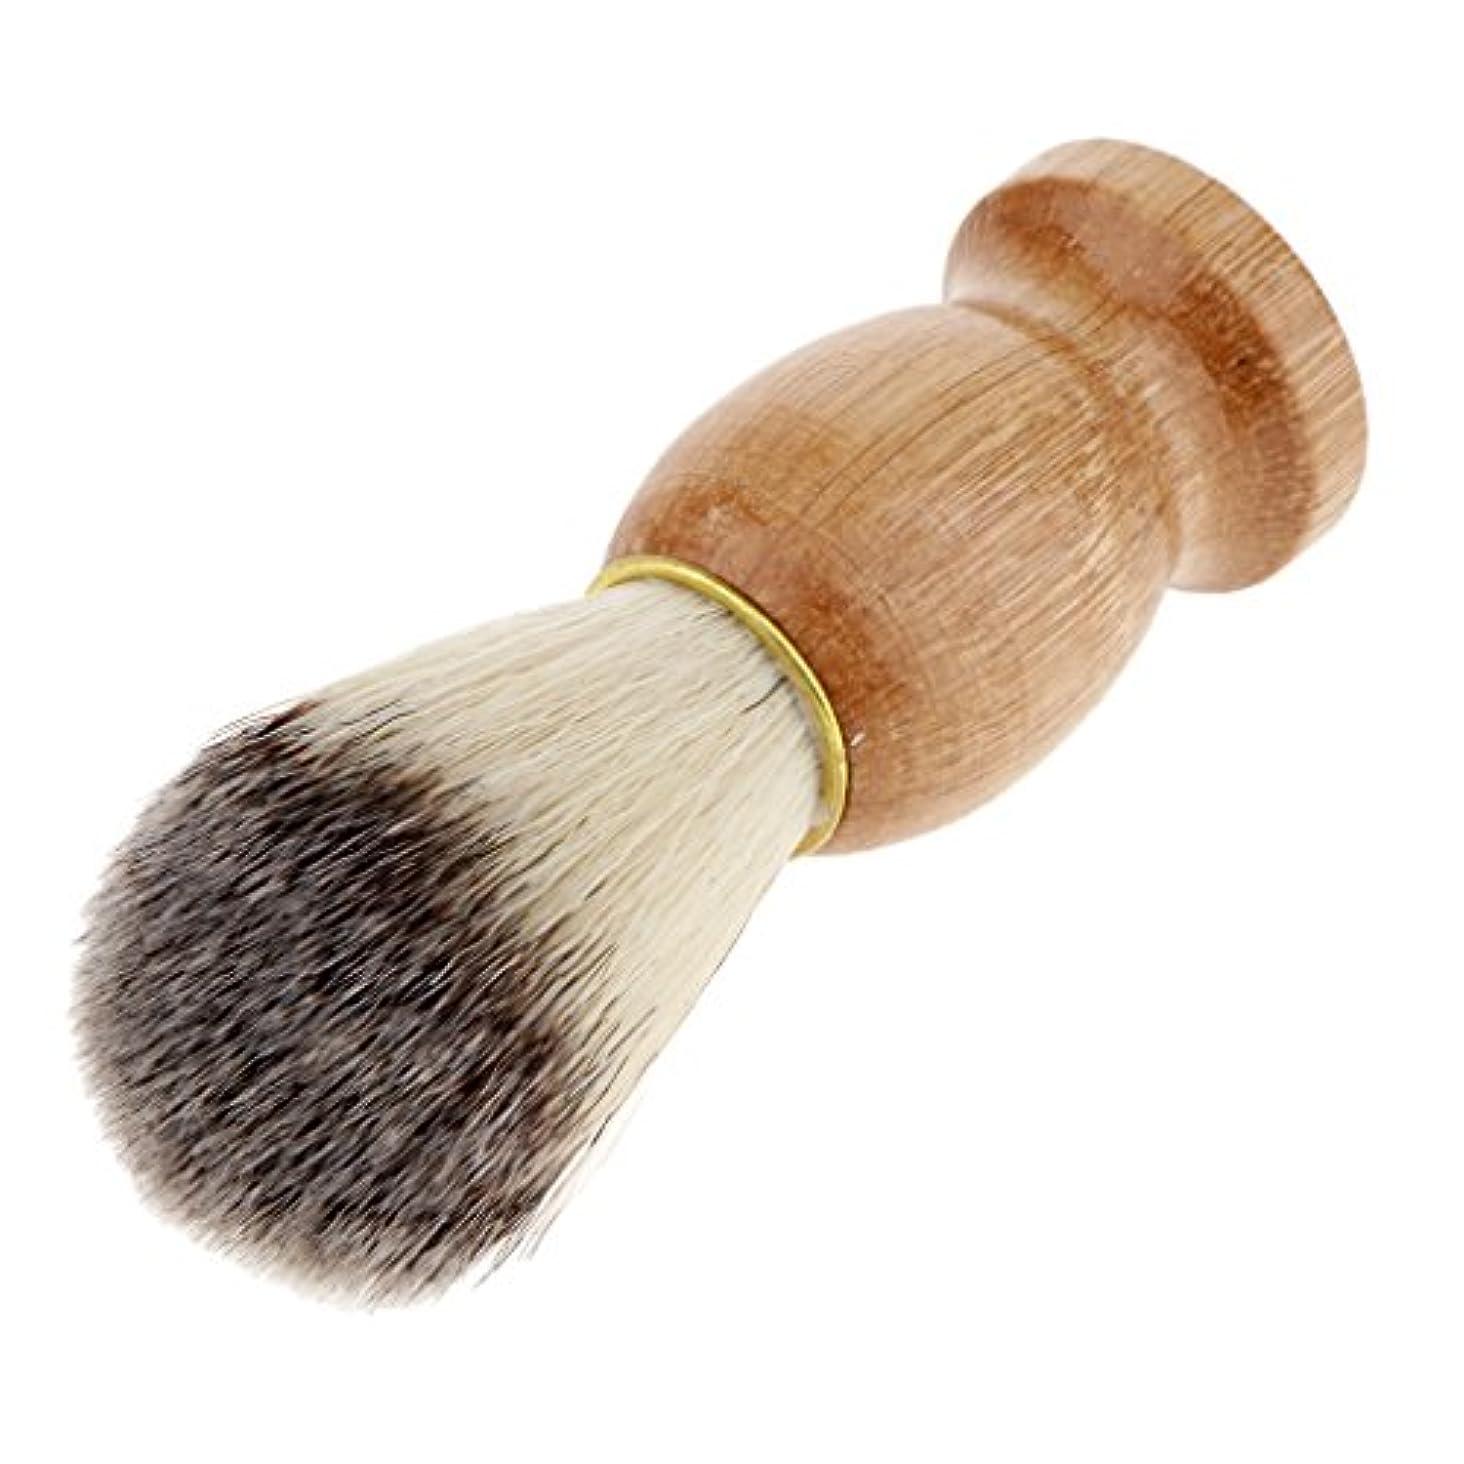 蓄積する送料懲らしめBlesiya シェービングブラシ コスメブラシ 木製ハンドル メンズ ひげ剃りブラシ プレゼント